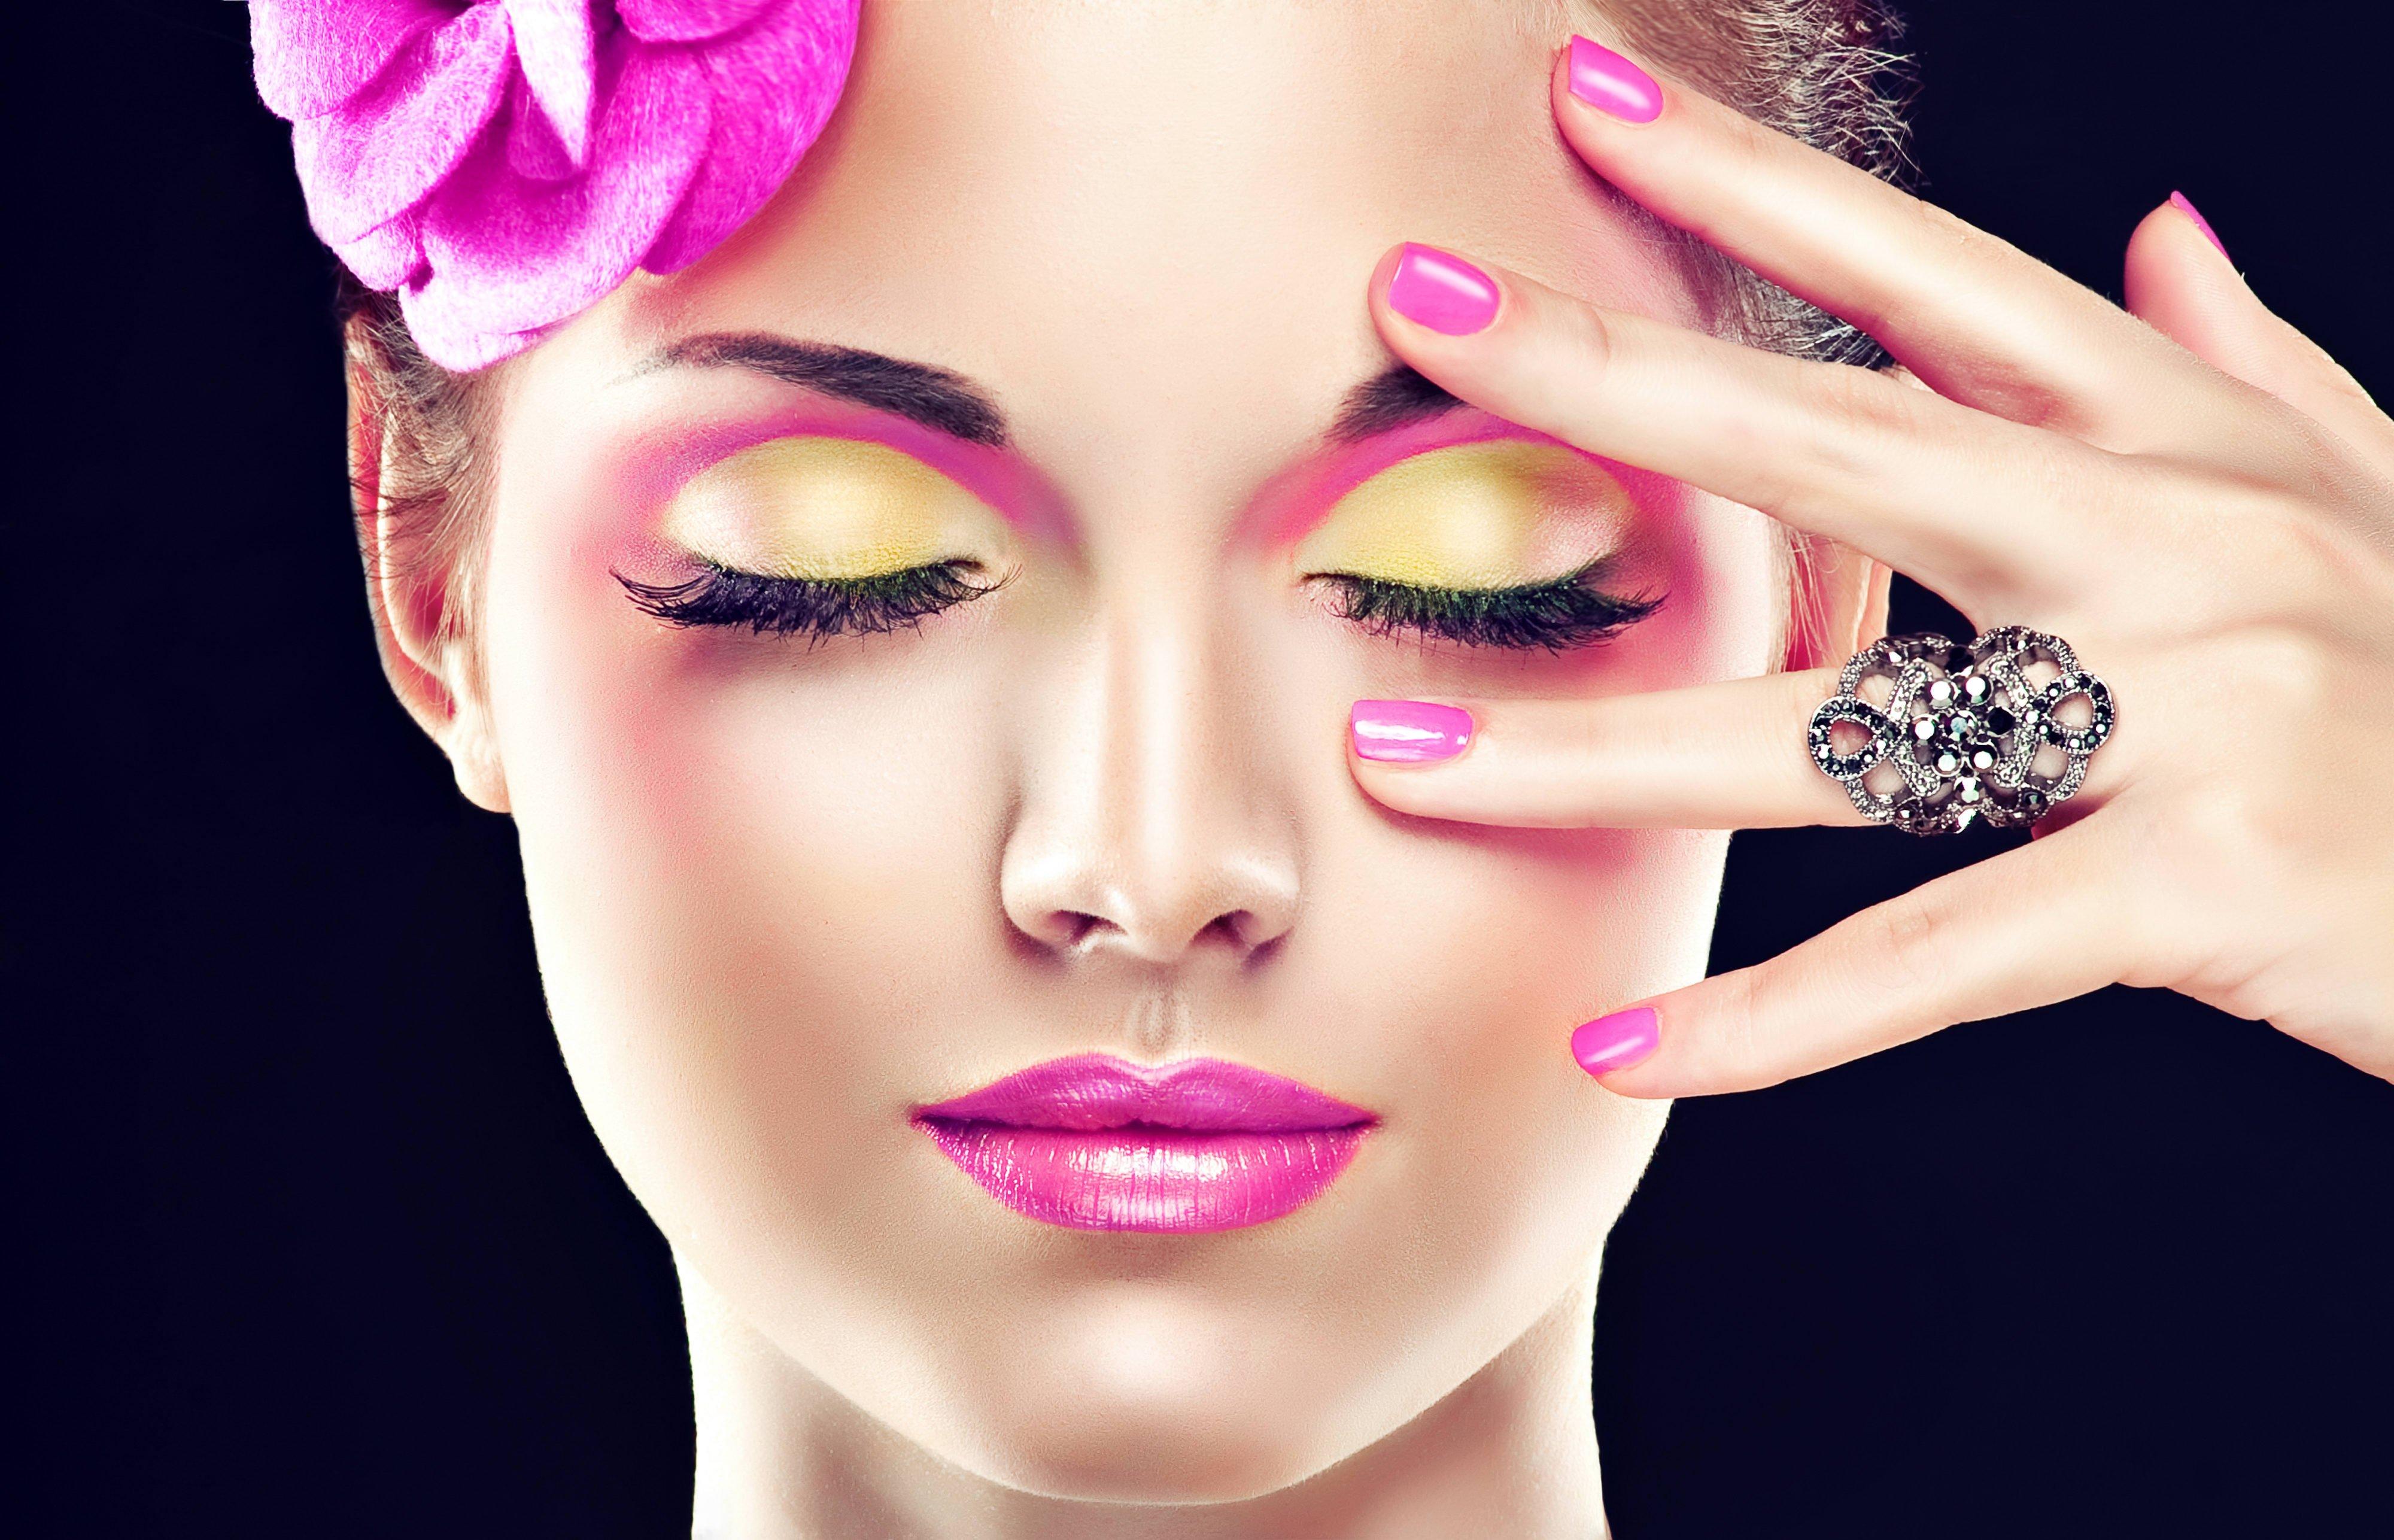 Красивые картинки для баннера для салона красоты